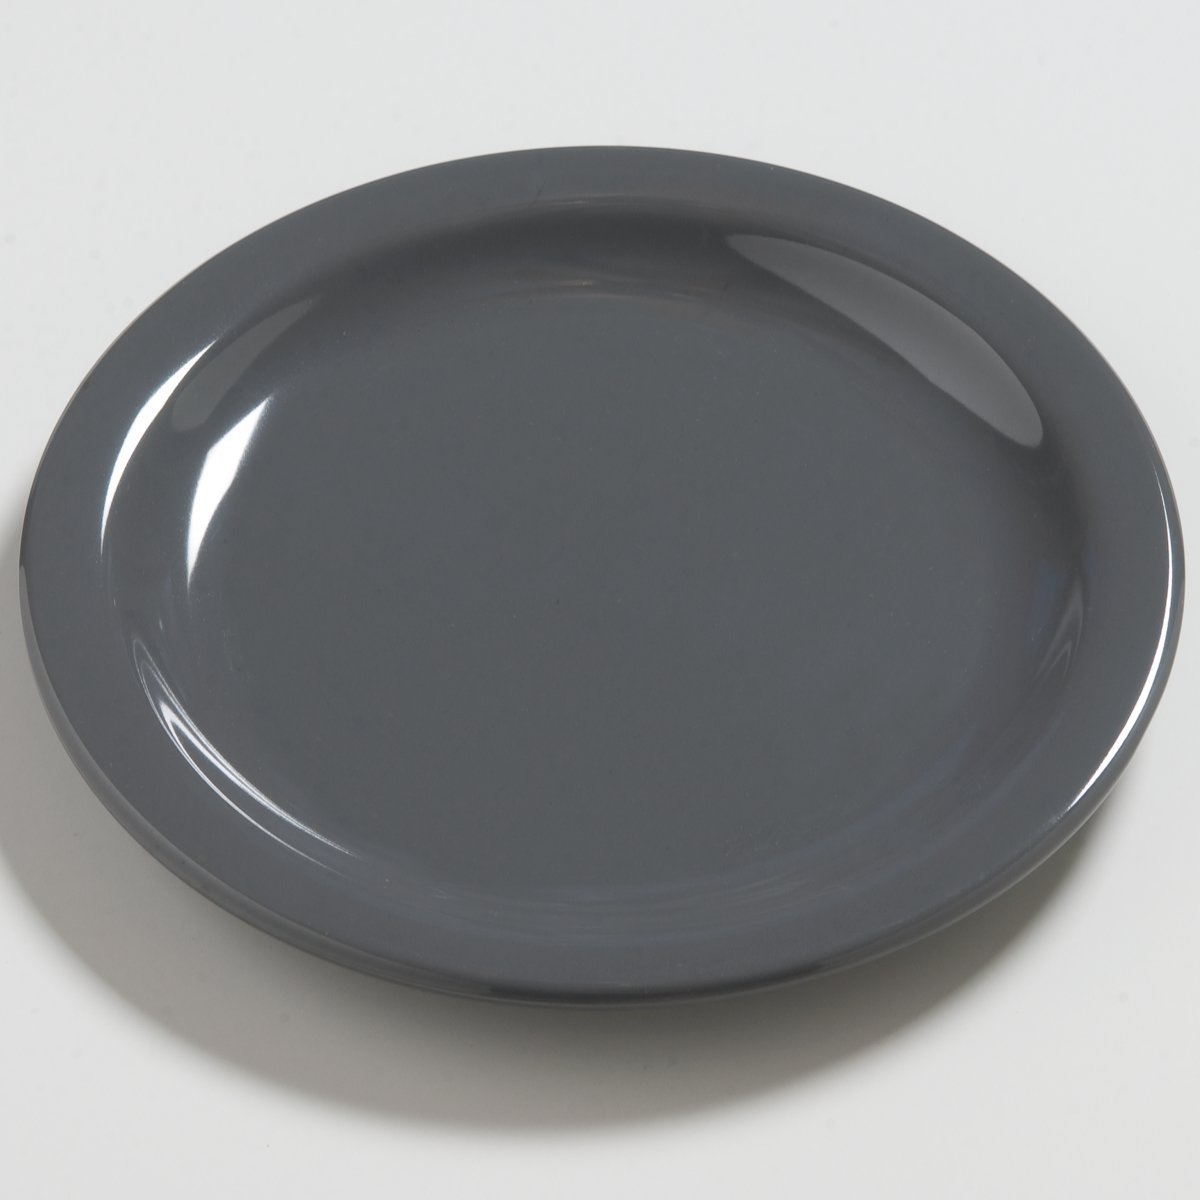 Black Set of 48 Carlisle 4385003 Dayton Melamine Dinner Plates 10 Carlisle FoodService Products 10